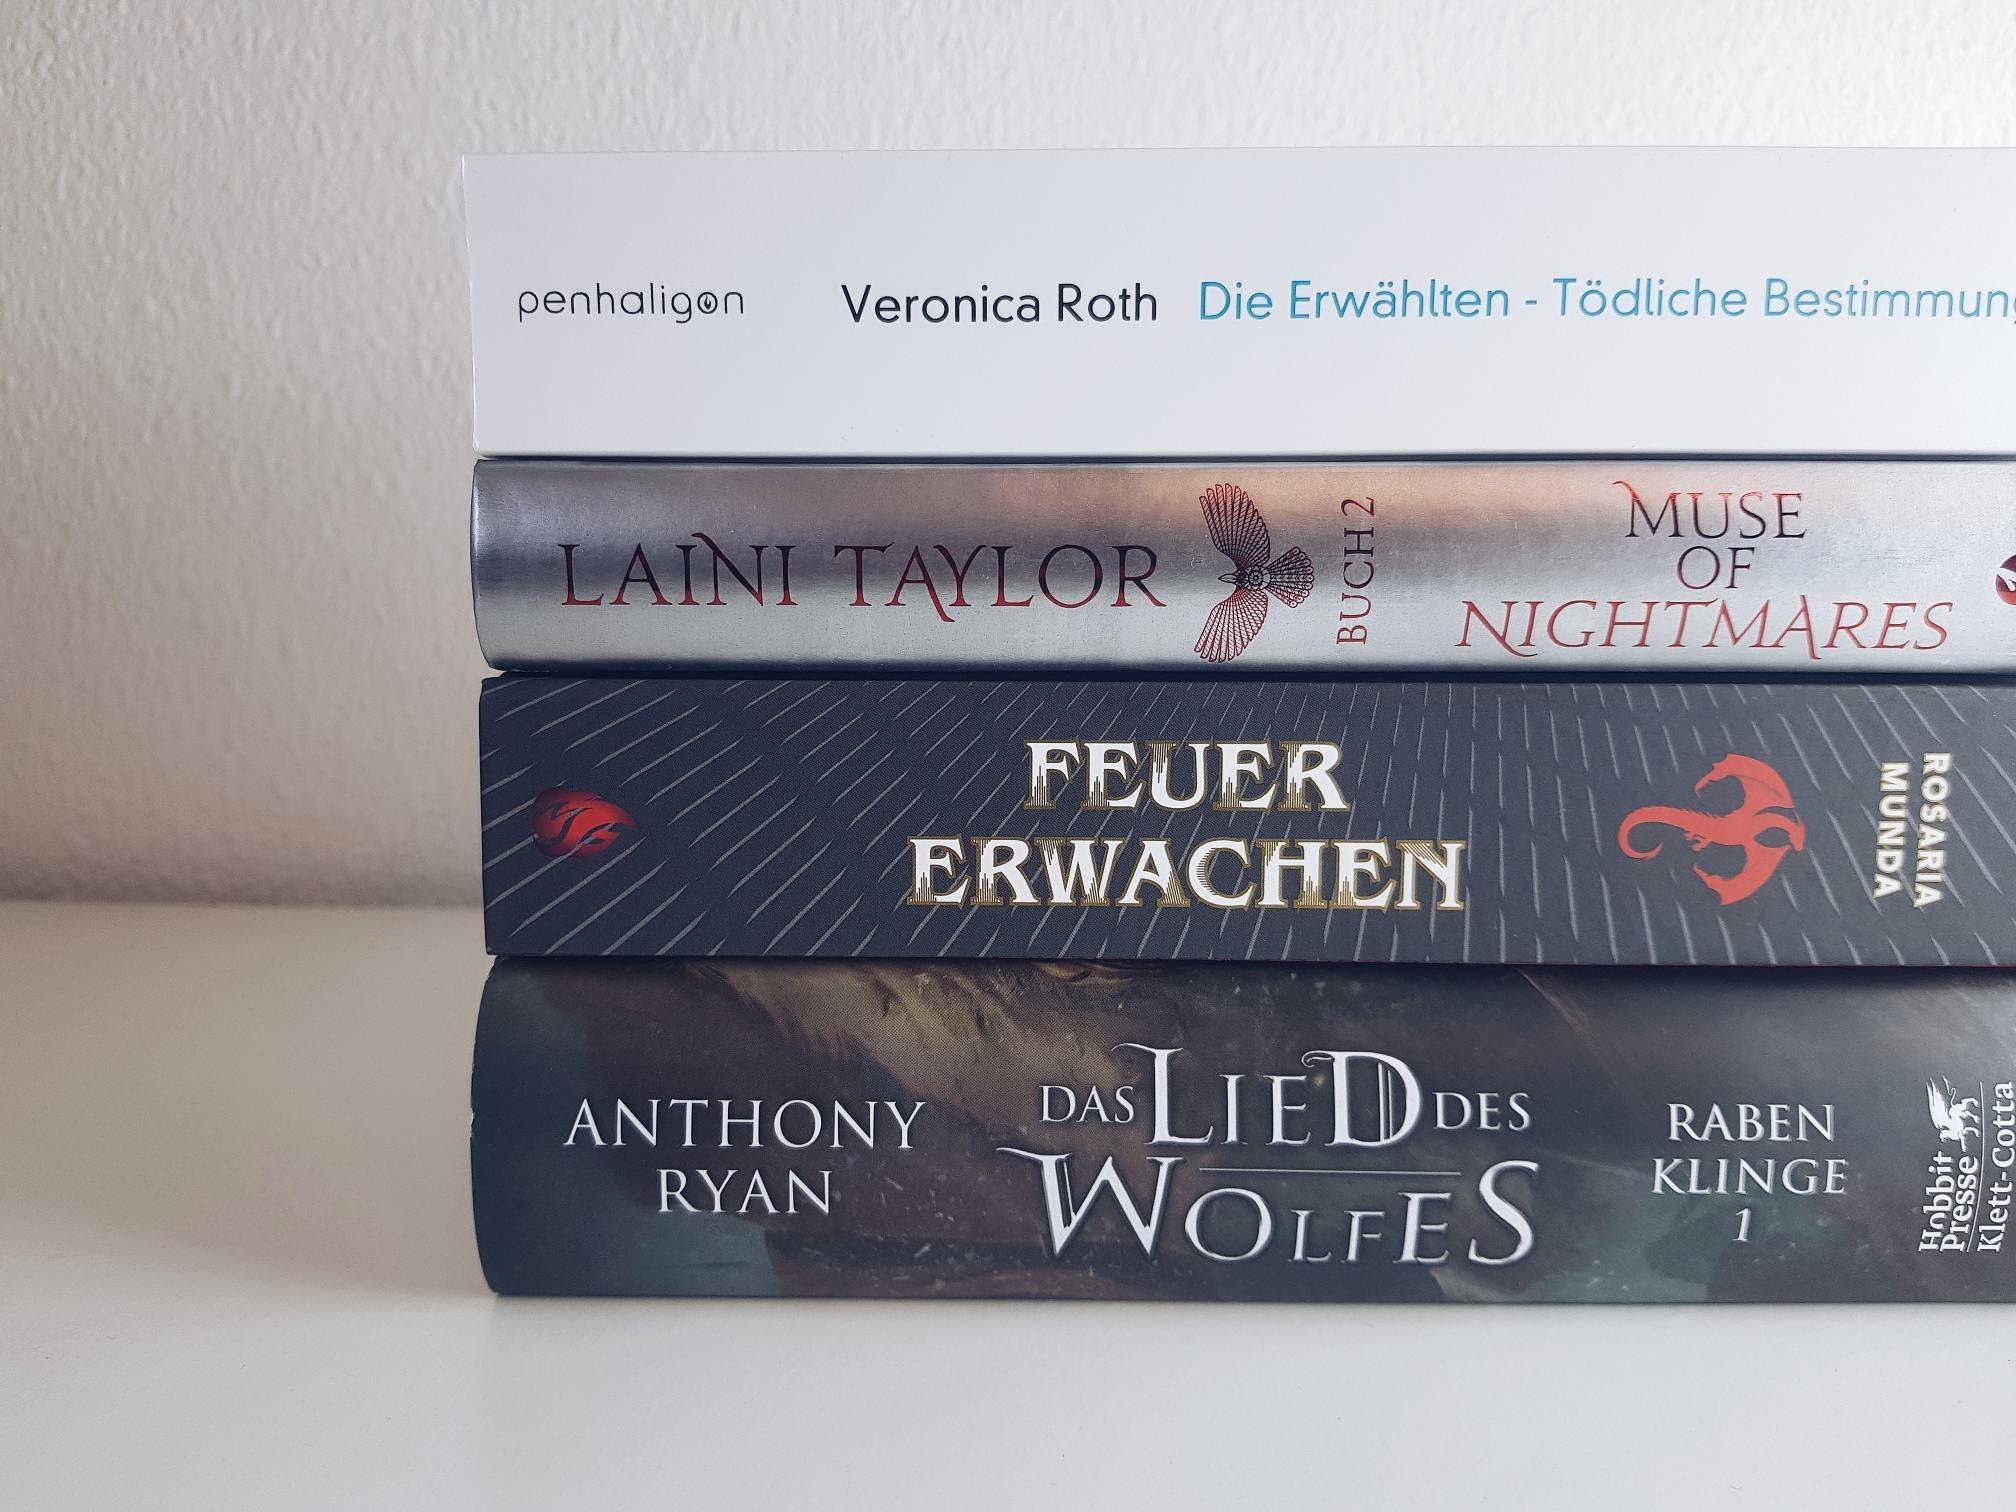 Bücherblog. Neuzugänge Bücher. Jugendbuch. Fantasy. Juli 2020.